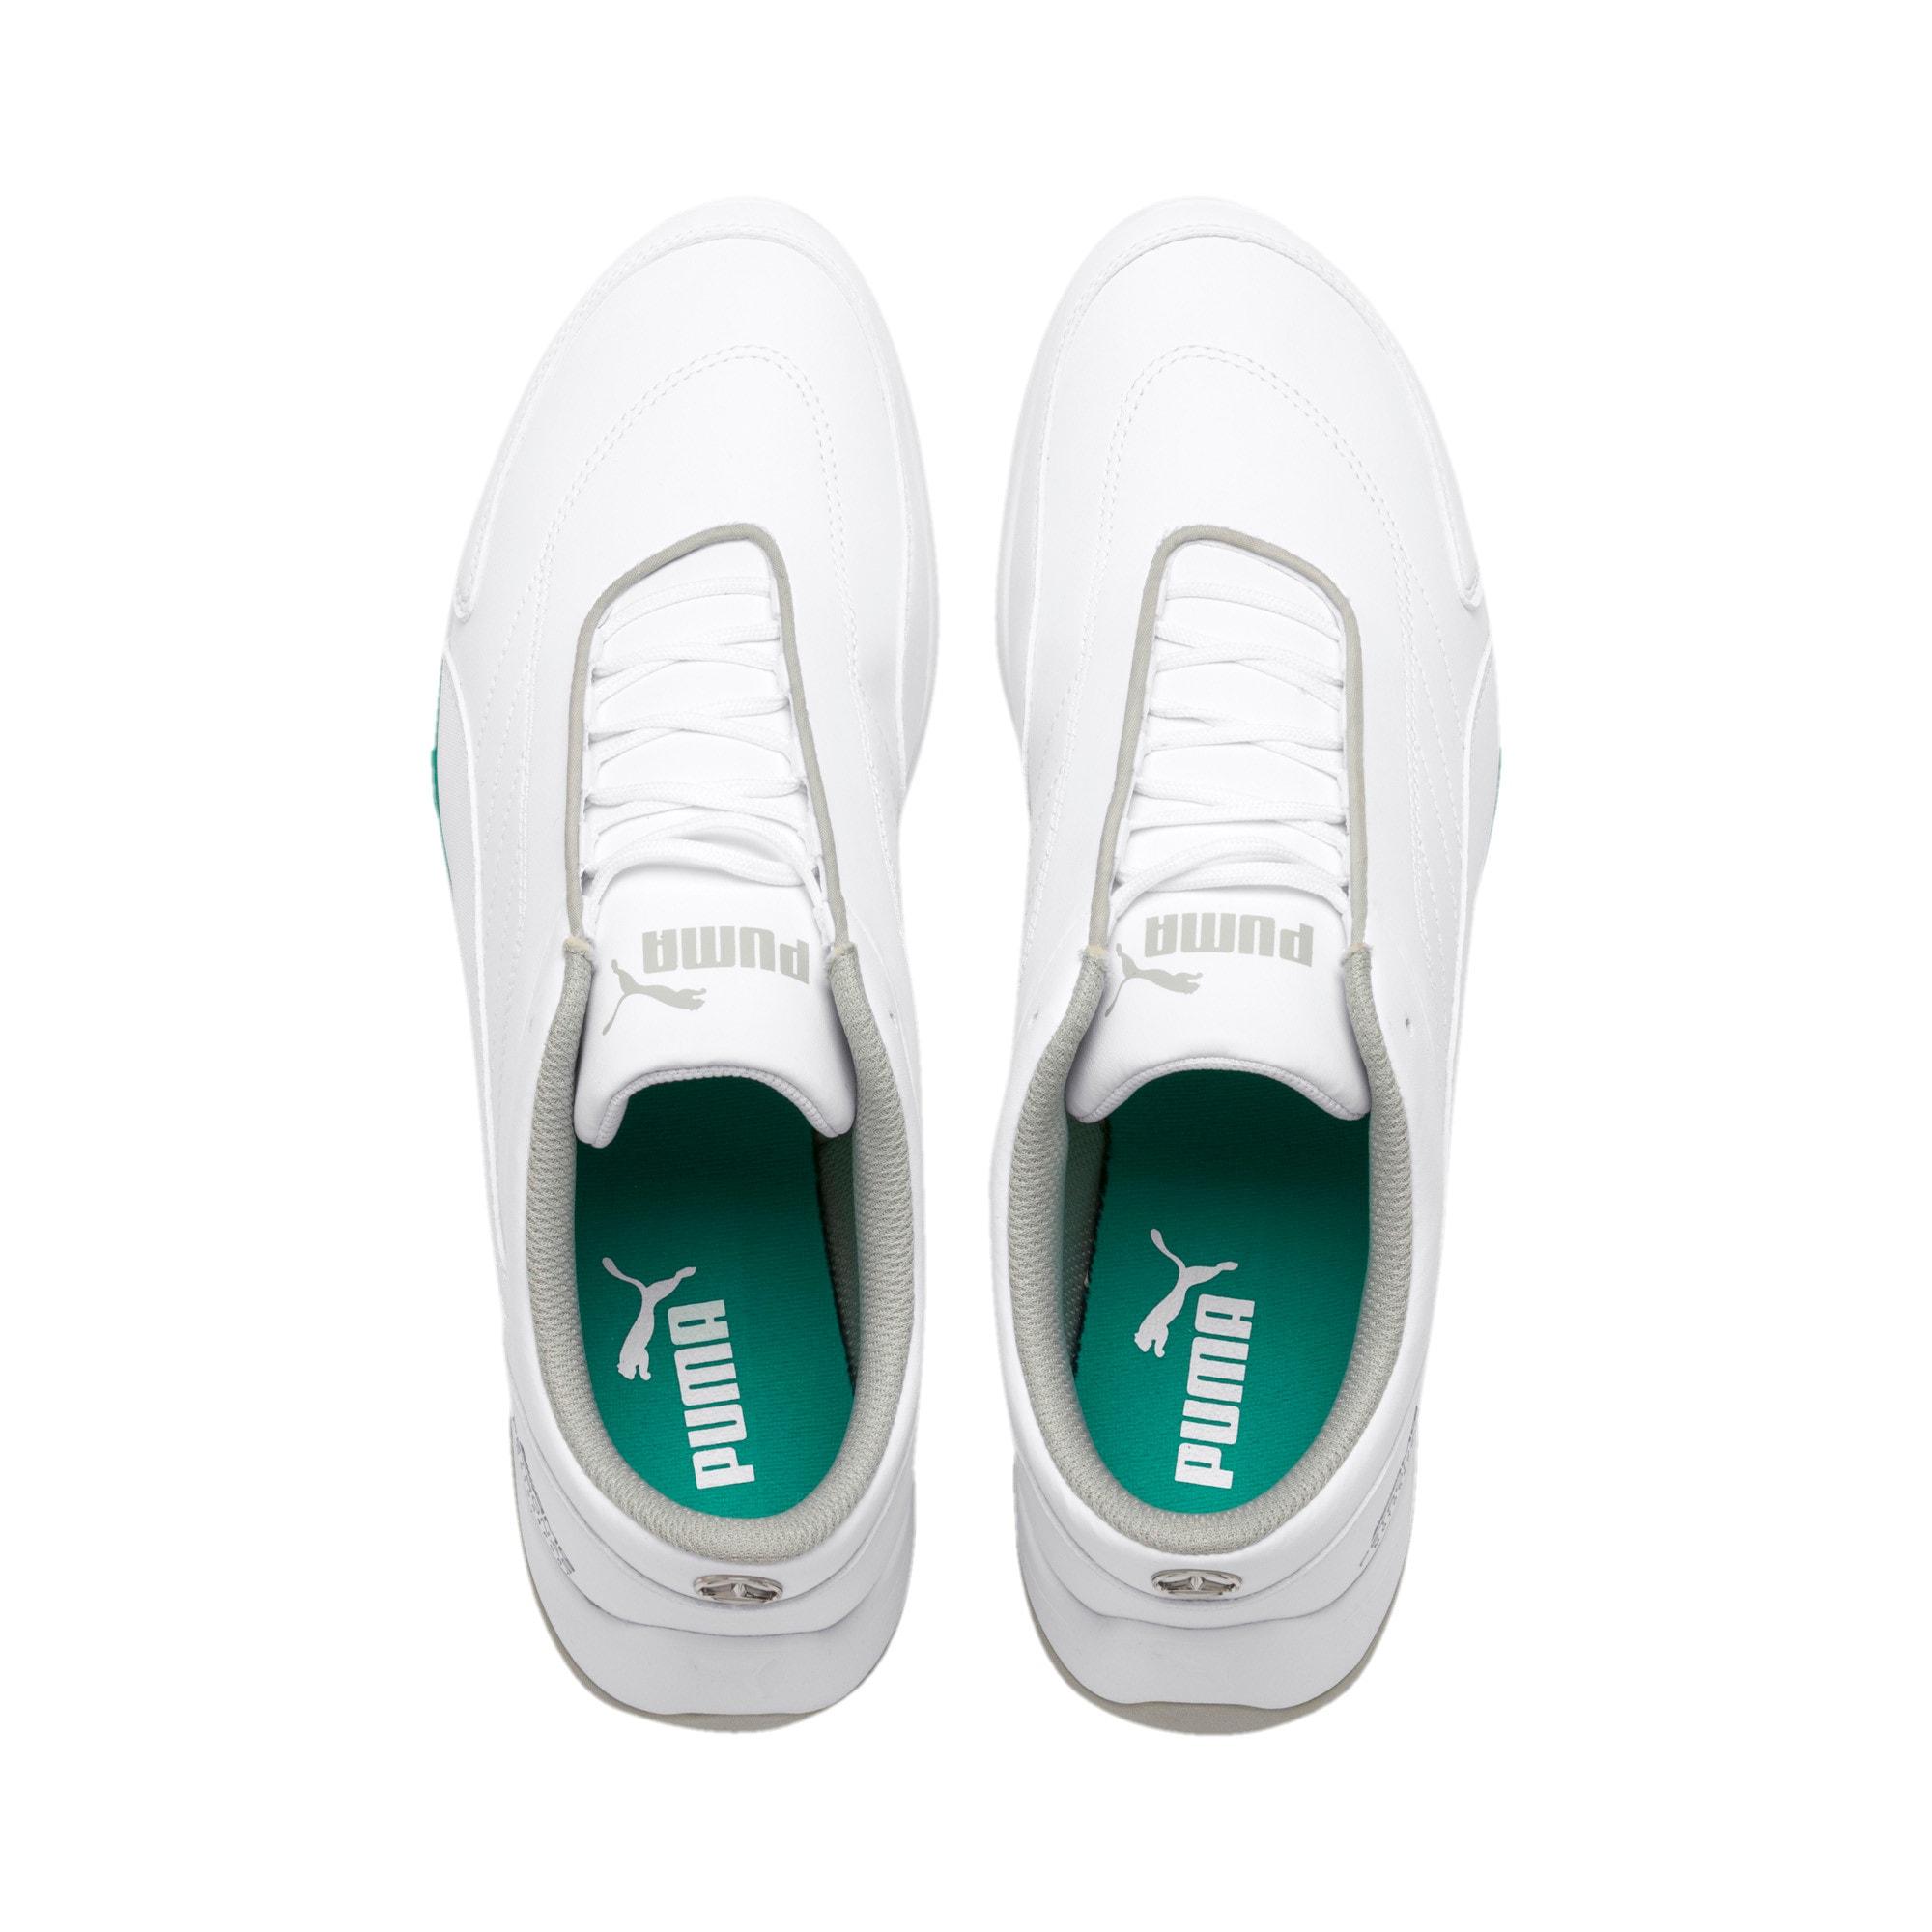 Miniatura 7 de Zapatos Mercedes AMG Petronas Kart Cat III, Puma White-Puma White, mediano